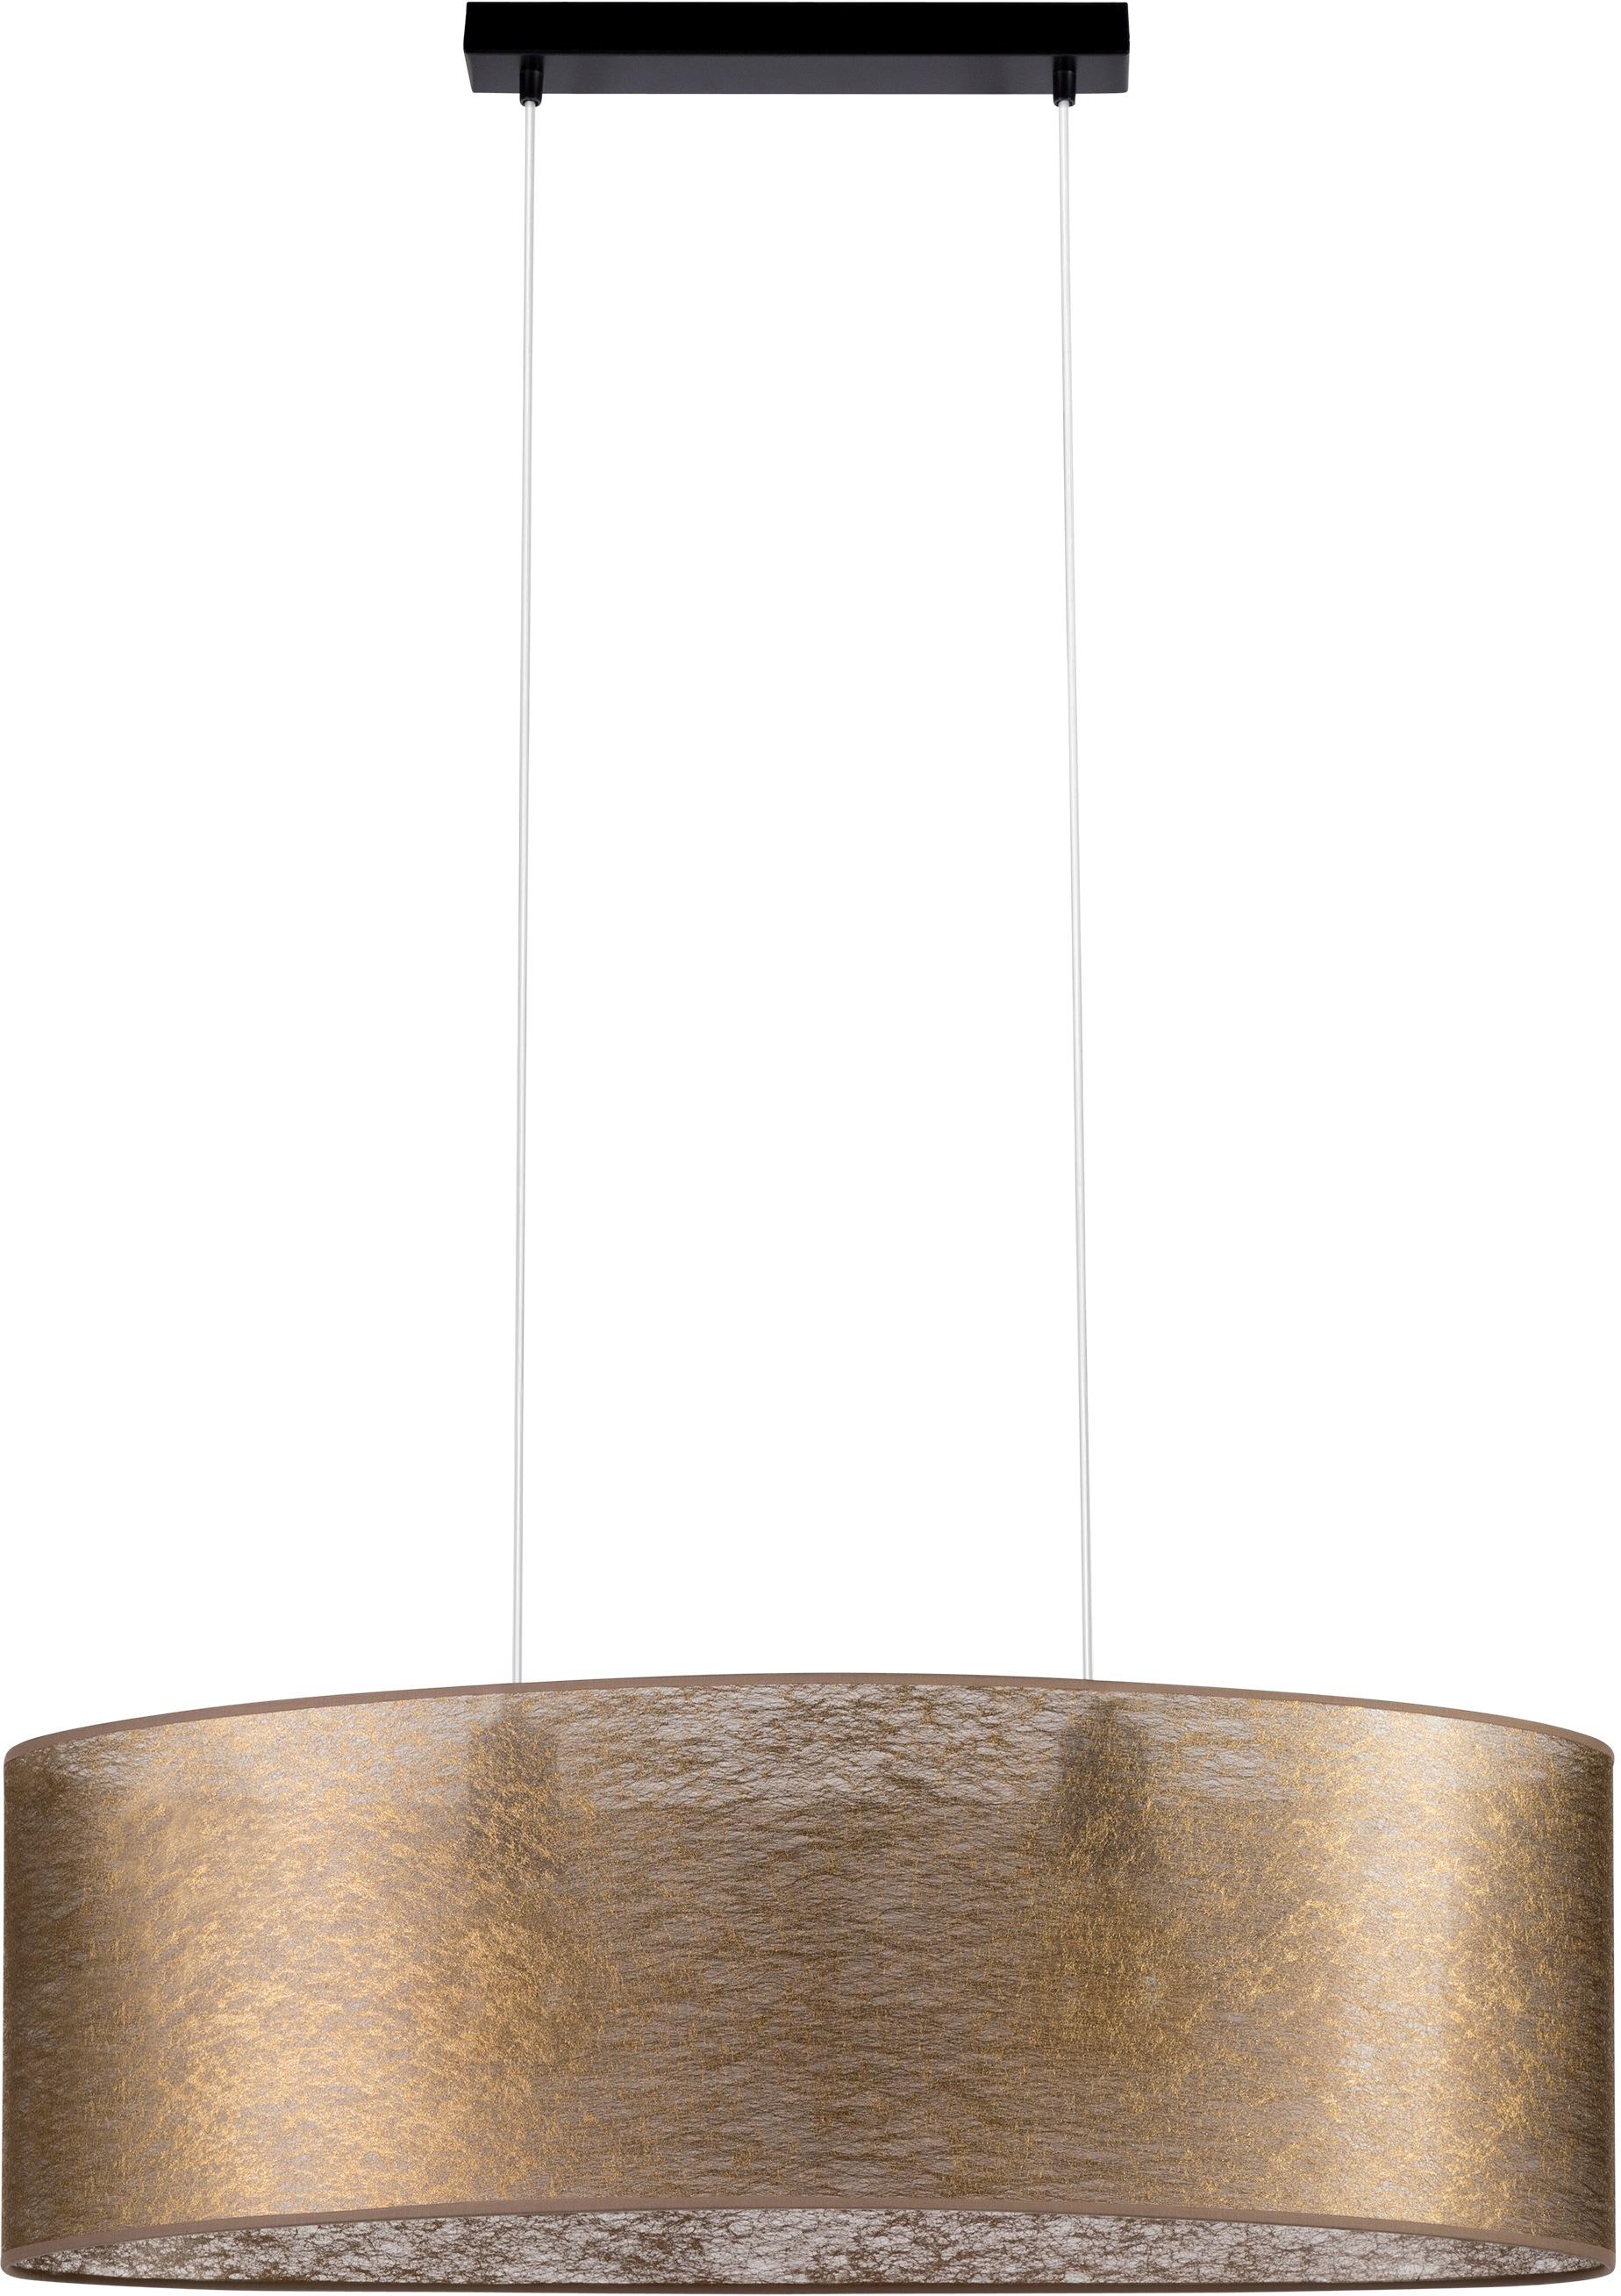 Leonique Pendelleuchte DOROTHE, E27, Hochwertiger Schirm aus Stoff in Goldfarben, Magnetbefestigung, passende LM E27/exklusive, Made in Europe